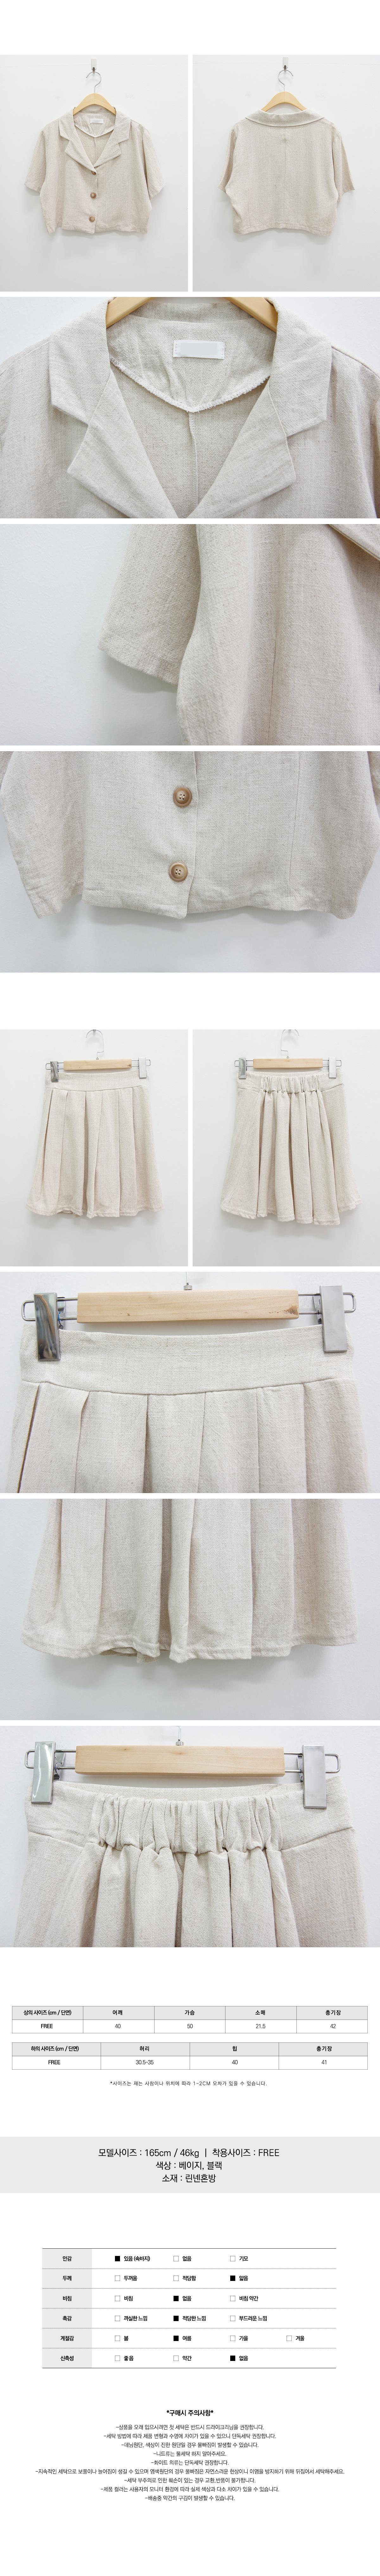 May Jacket + Skirt Set